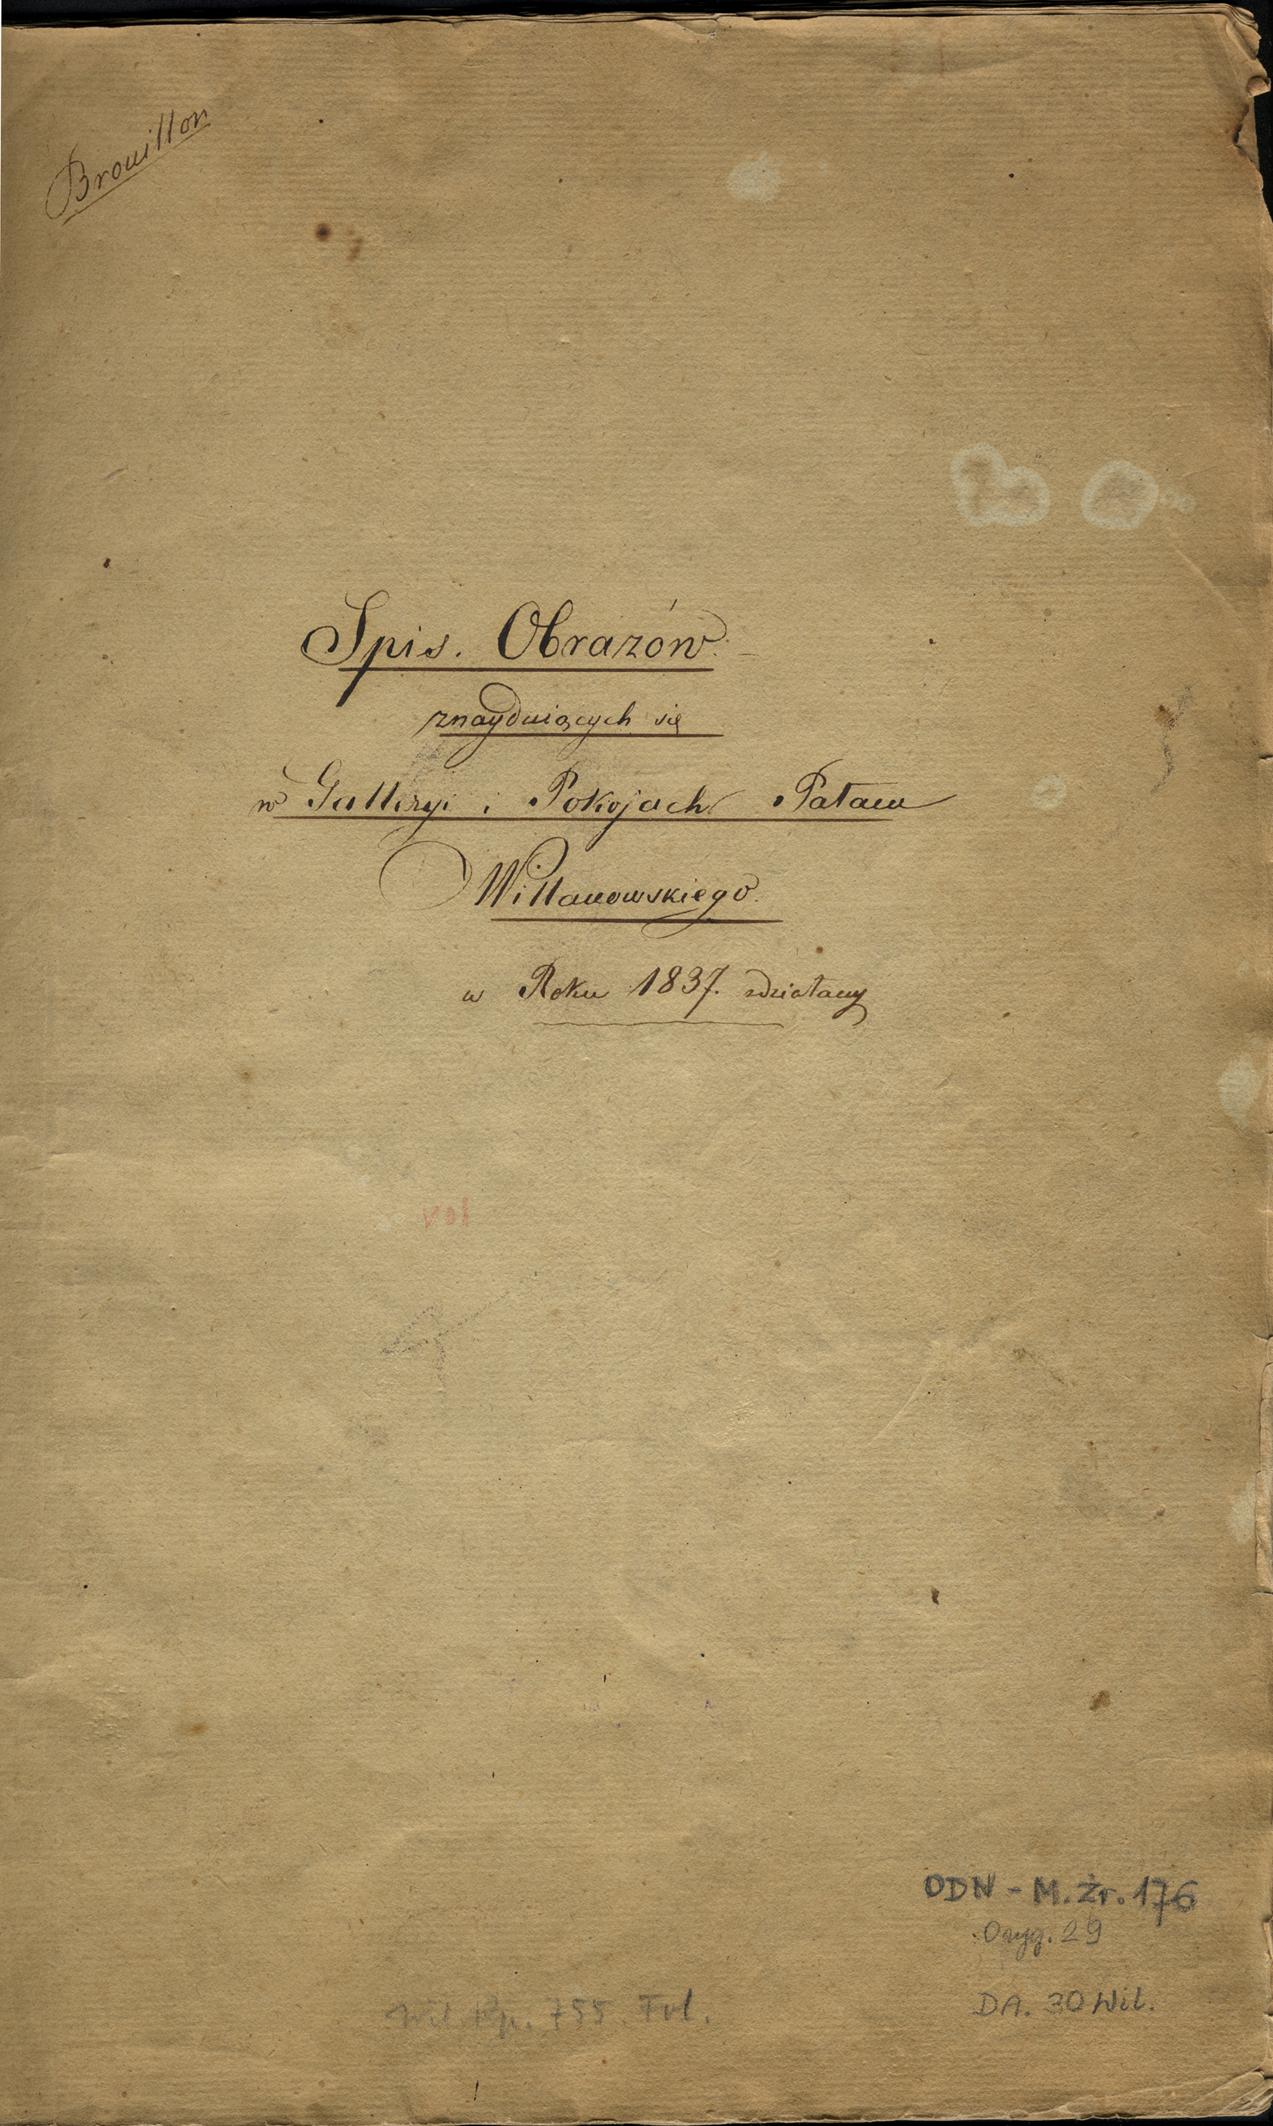 Inwentarz obrazów z pałacu wilanowskiego z roku 1837, pierwsza karta